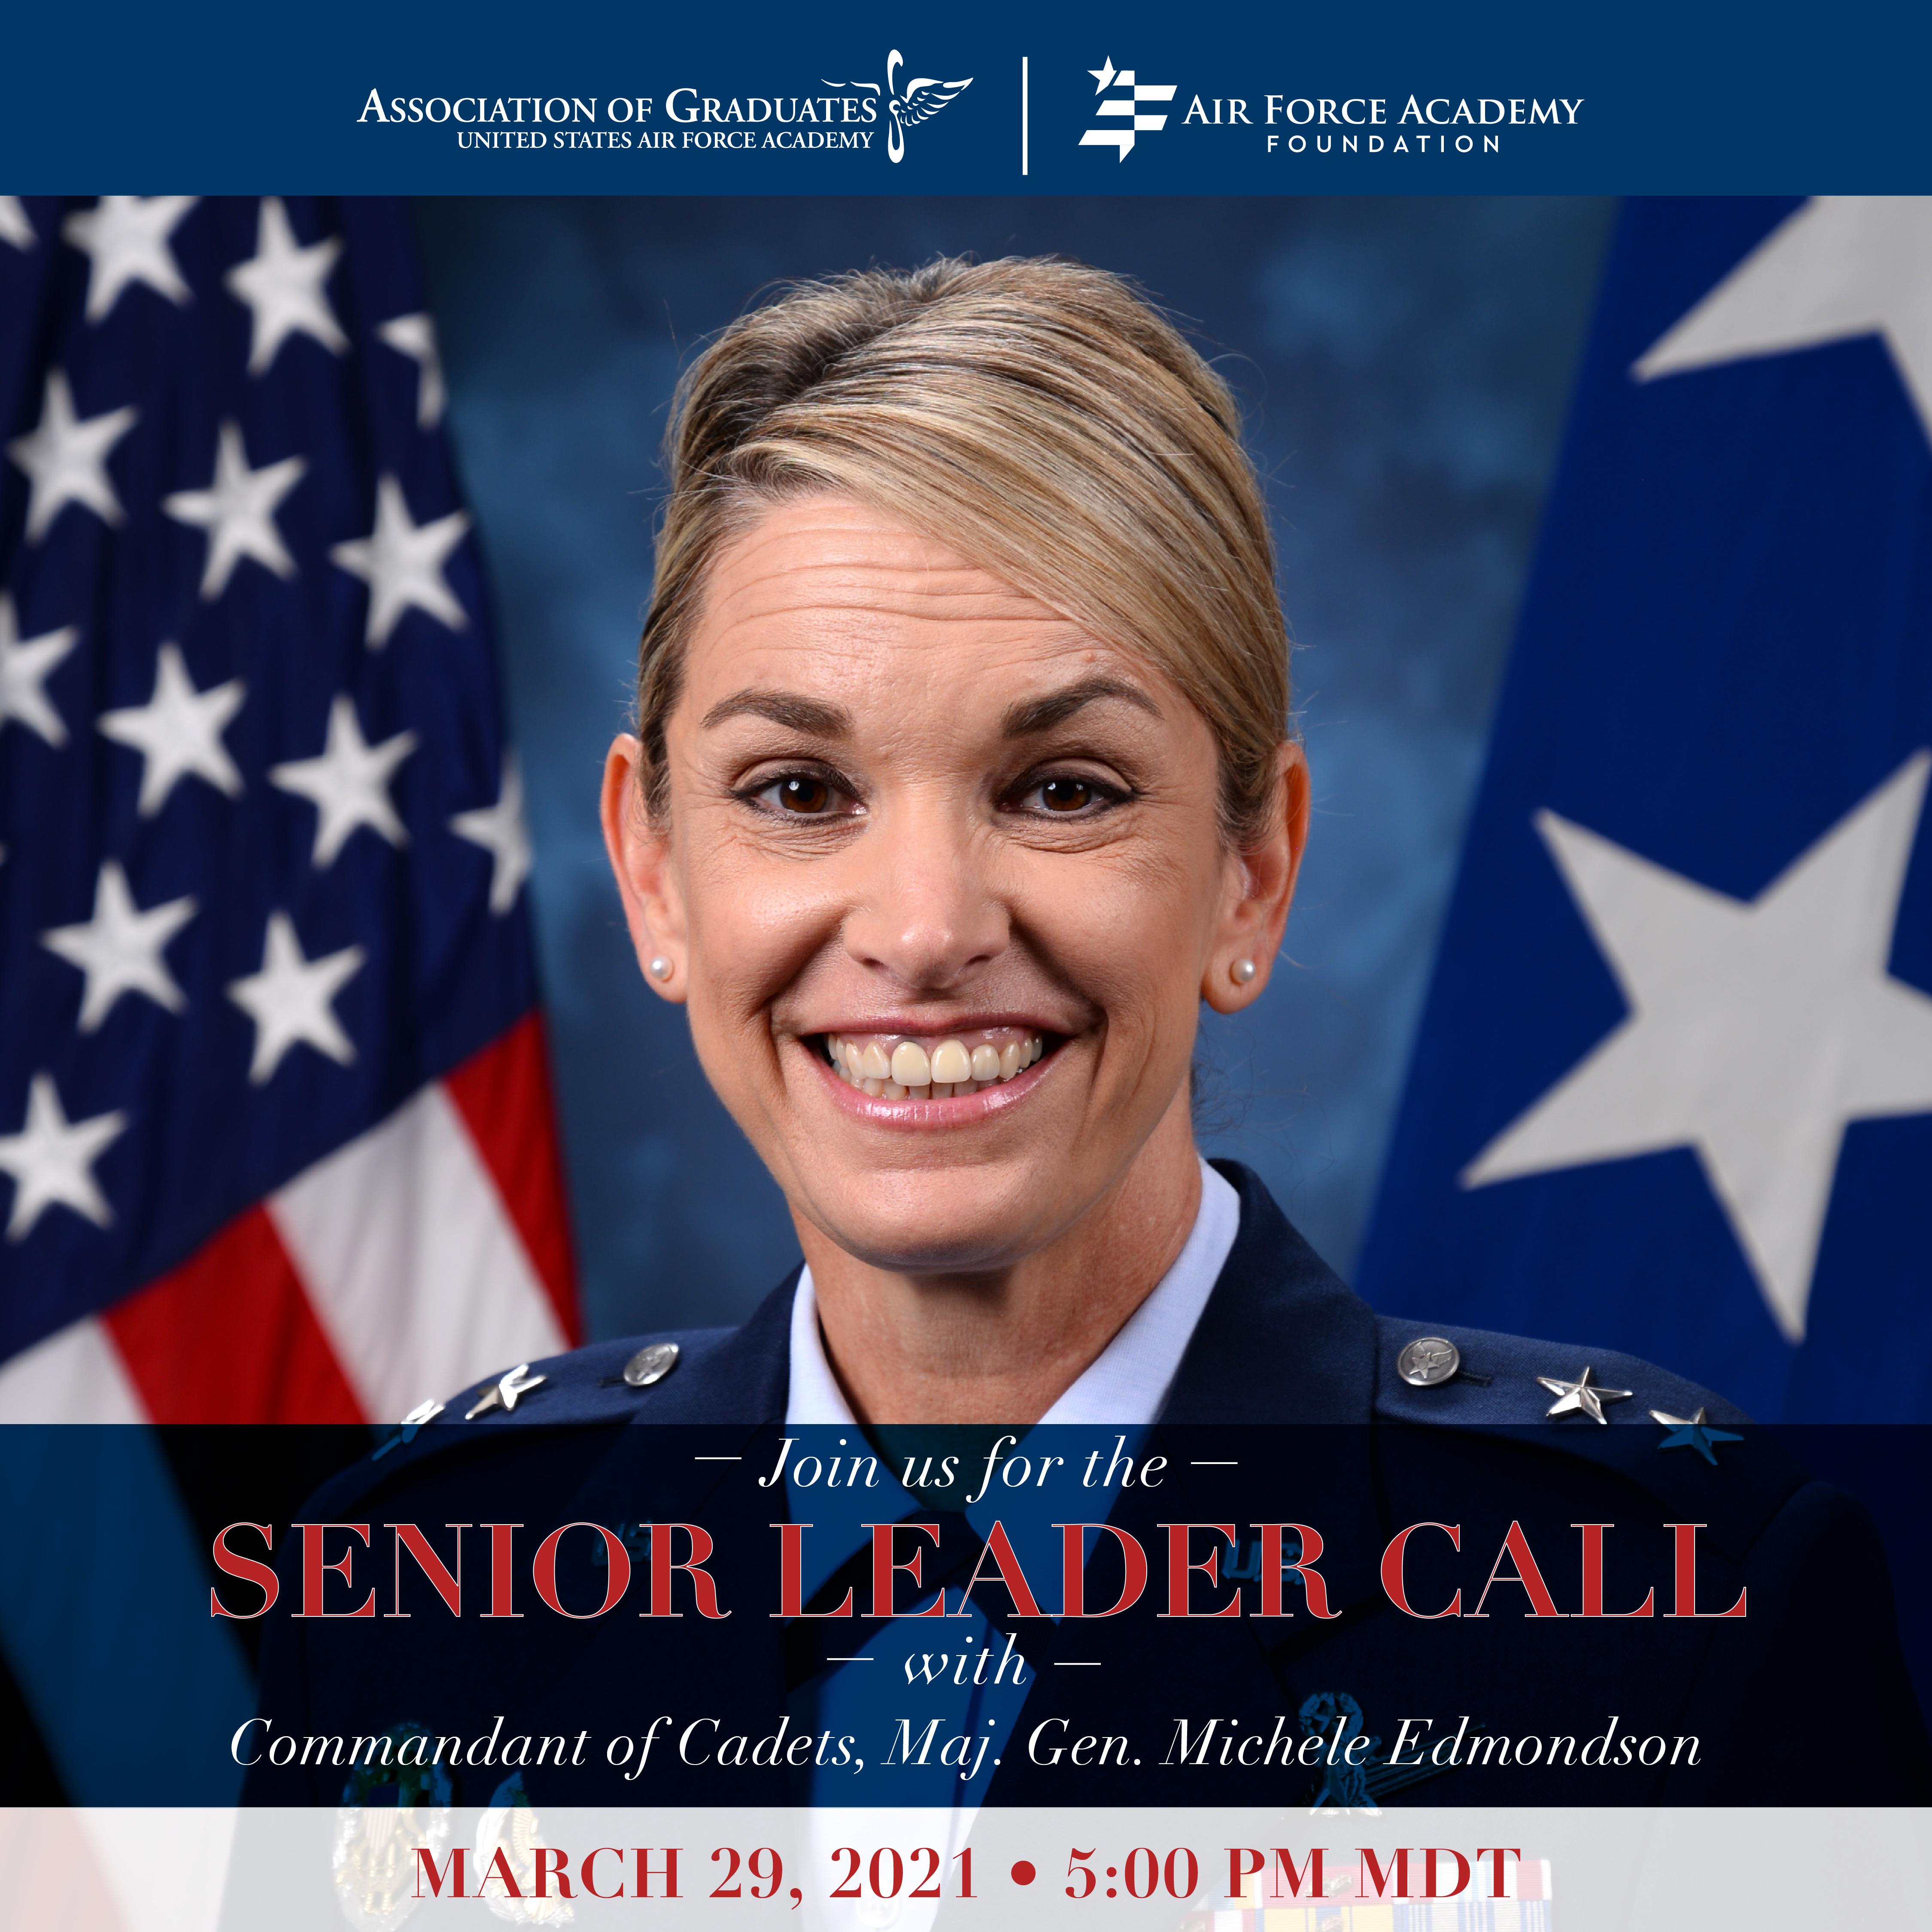 Image for Maj. Gen. Michele Edmondson Senior Leader Call webinar